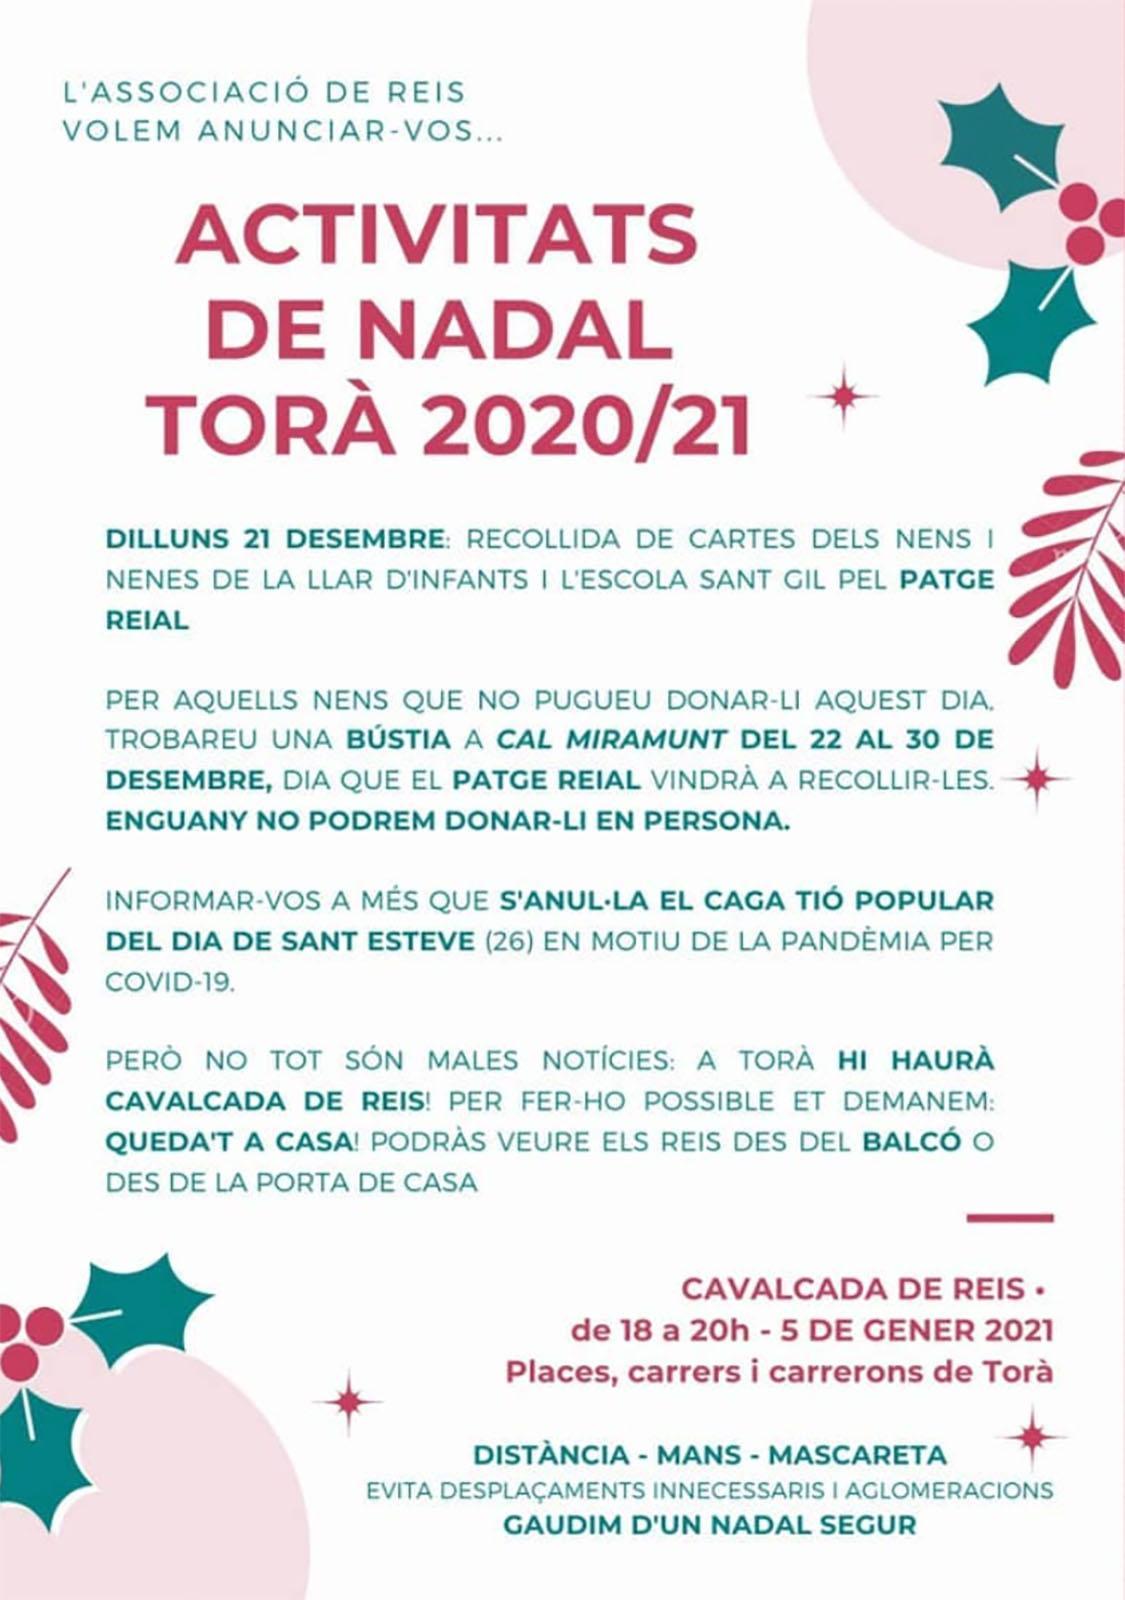 Activitats de Nadal 2020/21 a Torà